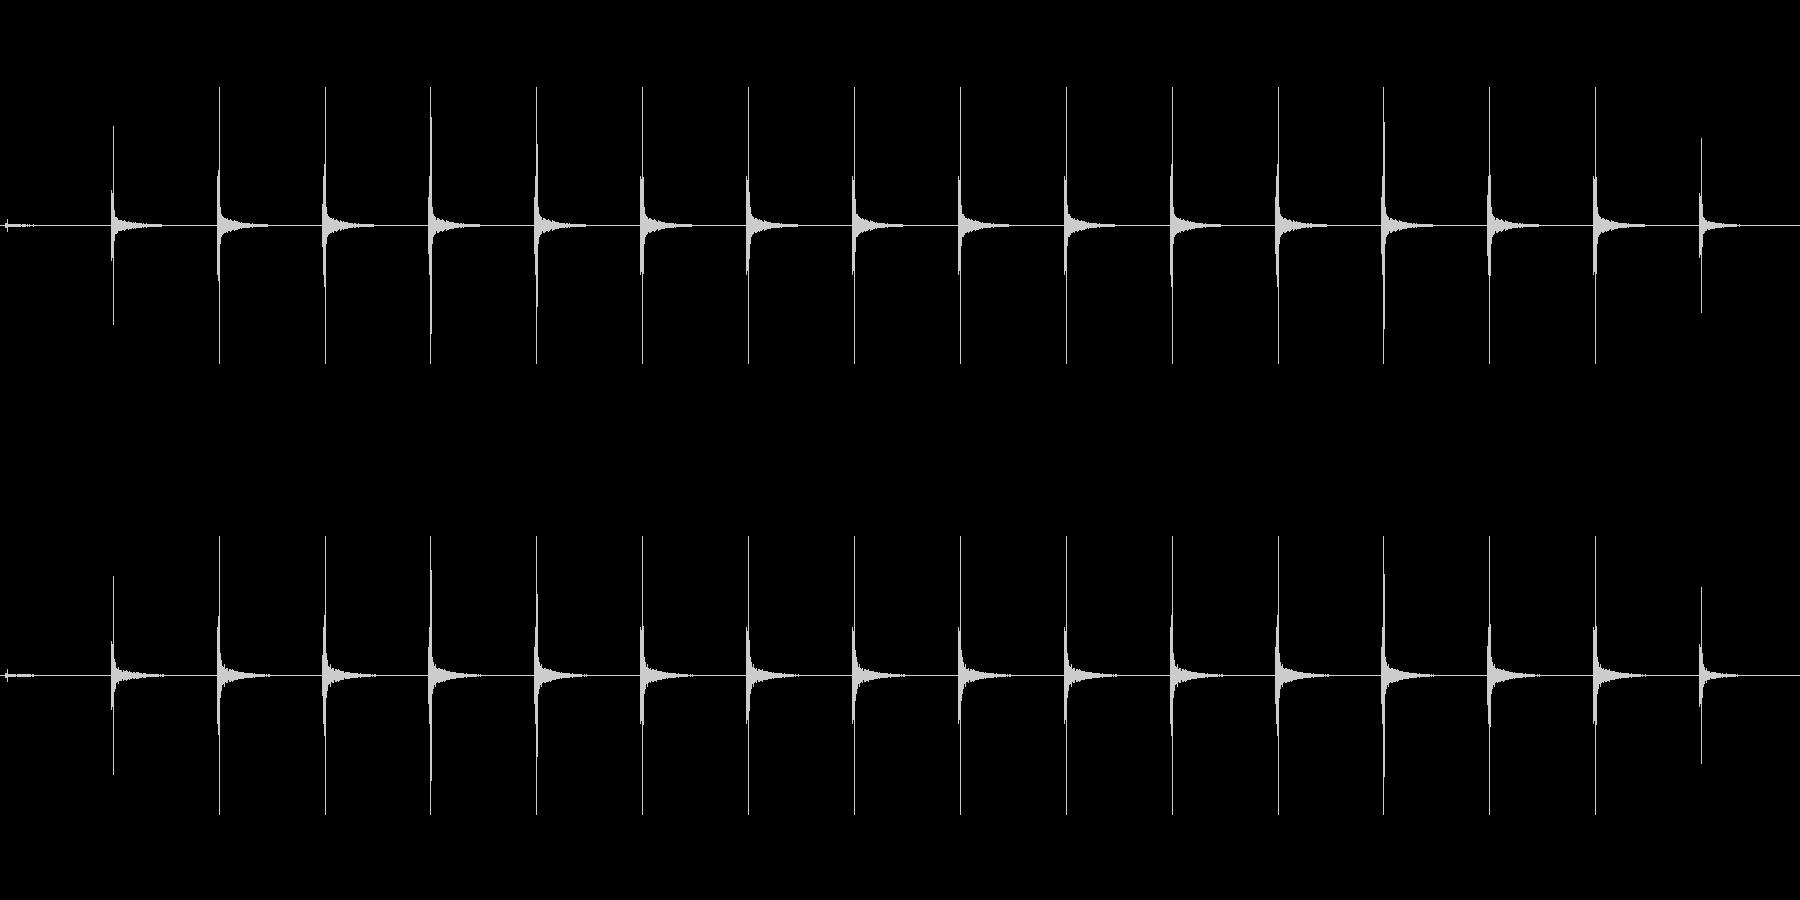 時計 ticktock_41-3_revの未再生の波形